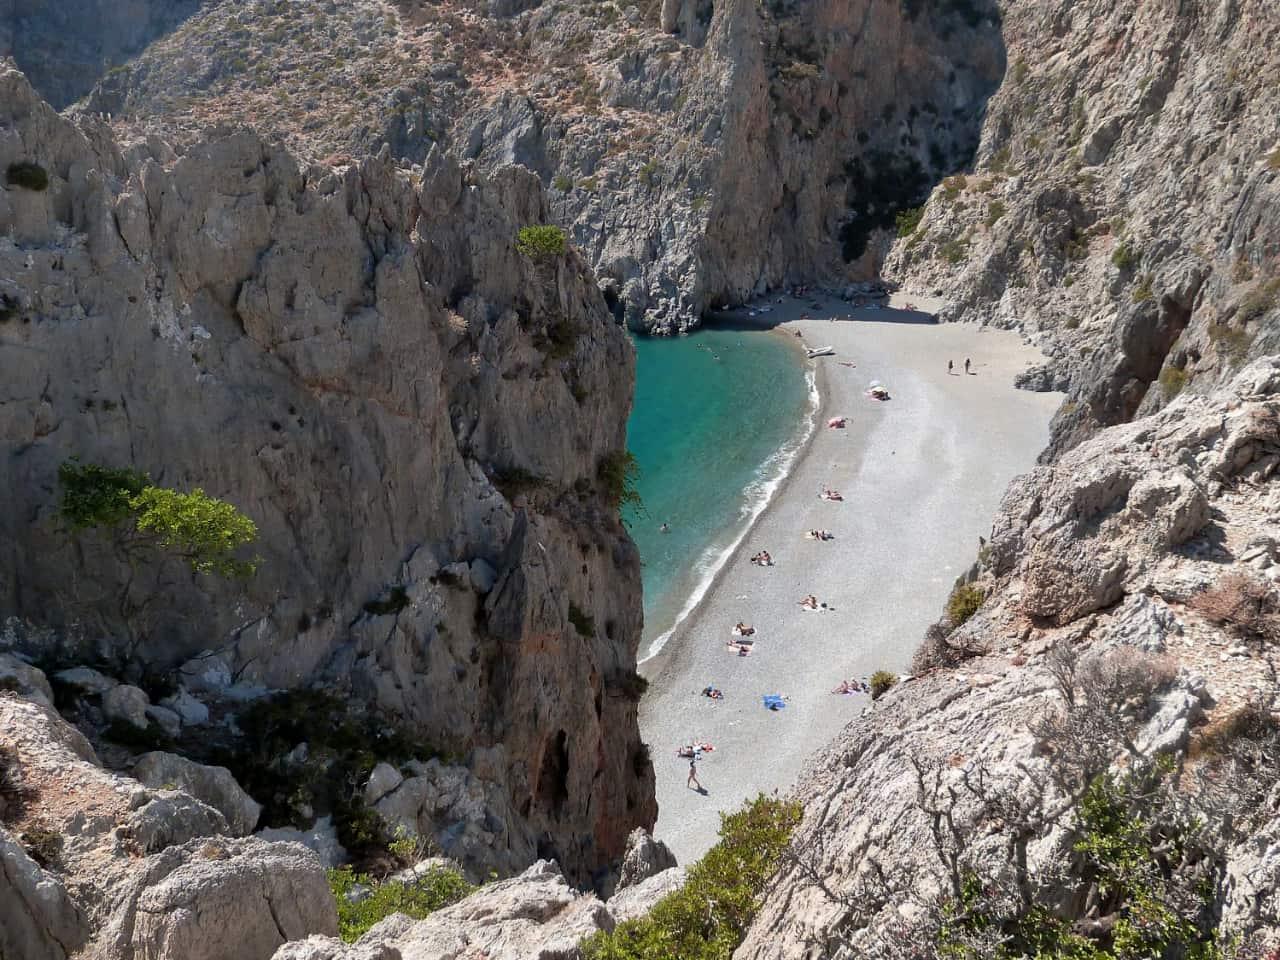 Agiofaraggo Aghiofaraggo, Agiofaragko, Ayiofaraggo Beach, south heraklion best beaches, best beach heraklion crete, activities heraklion